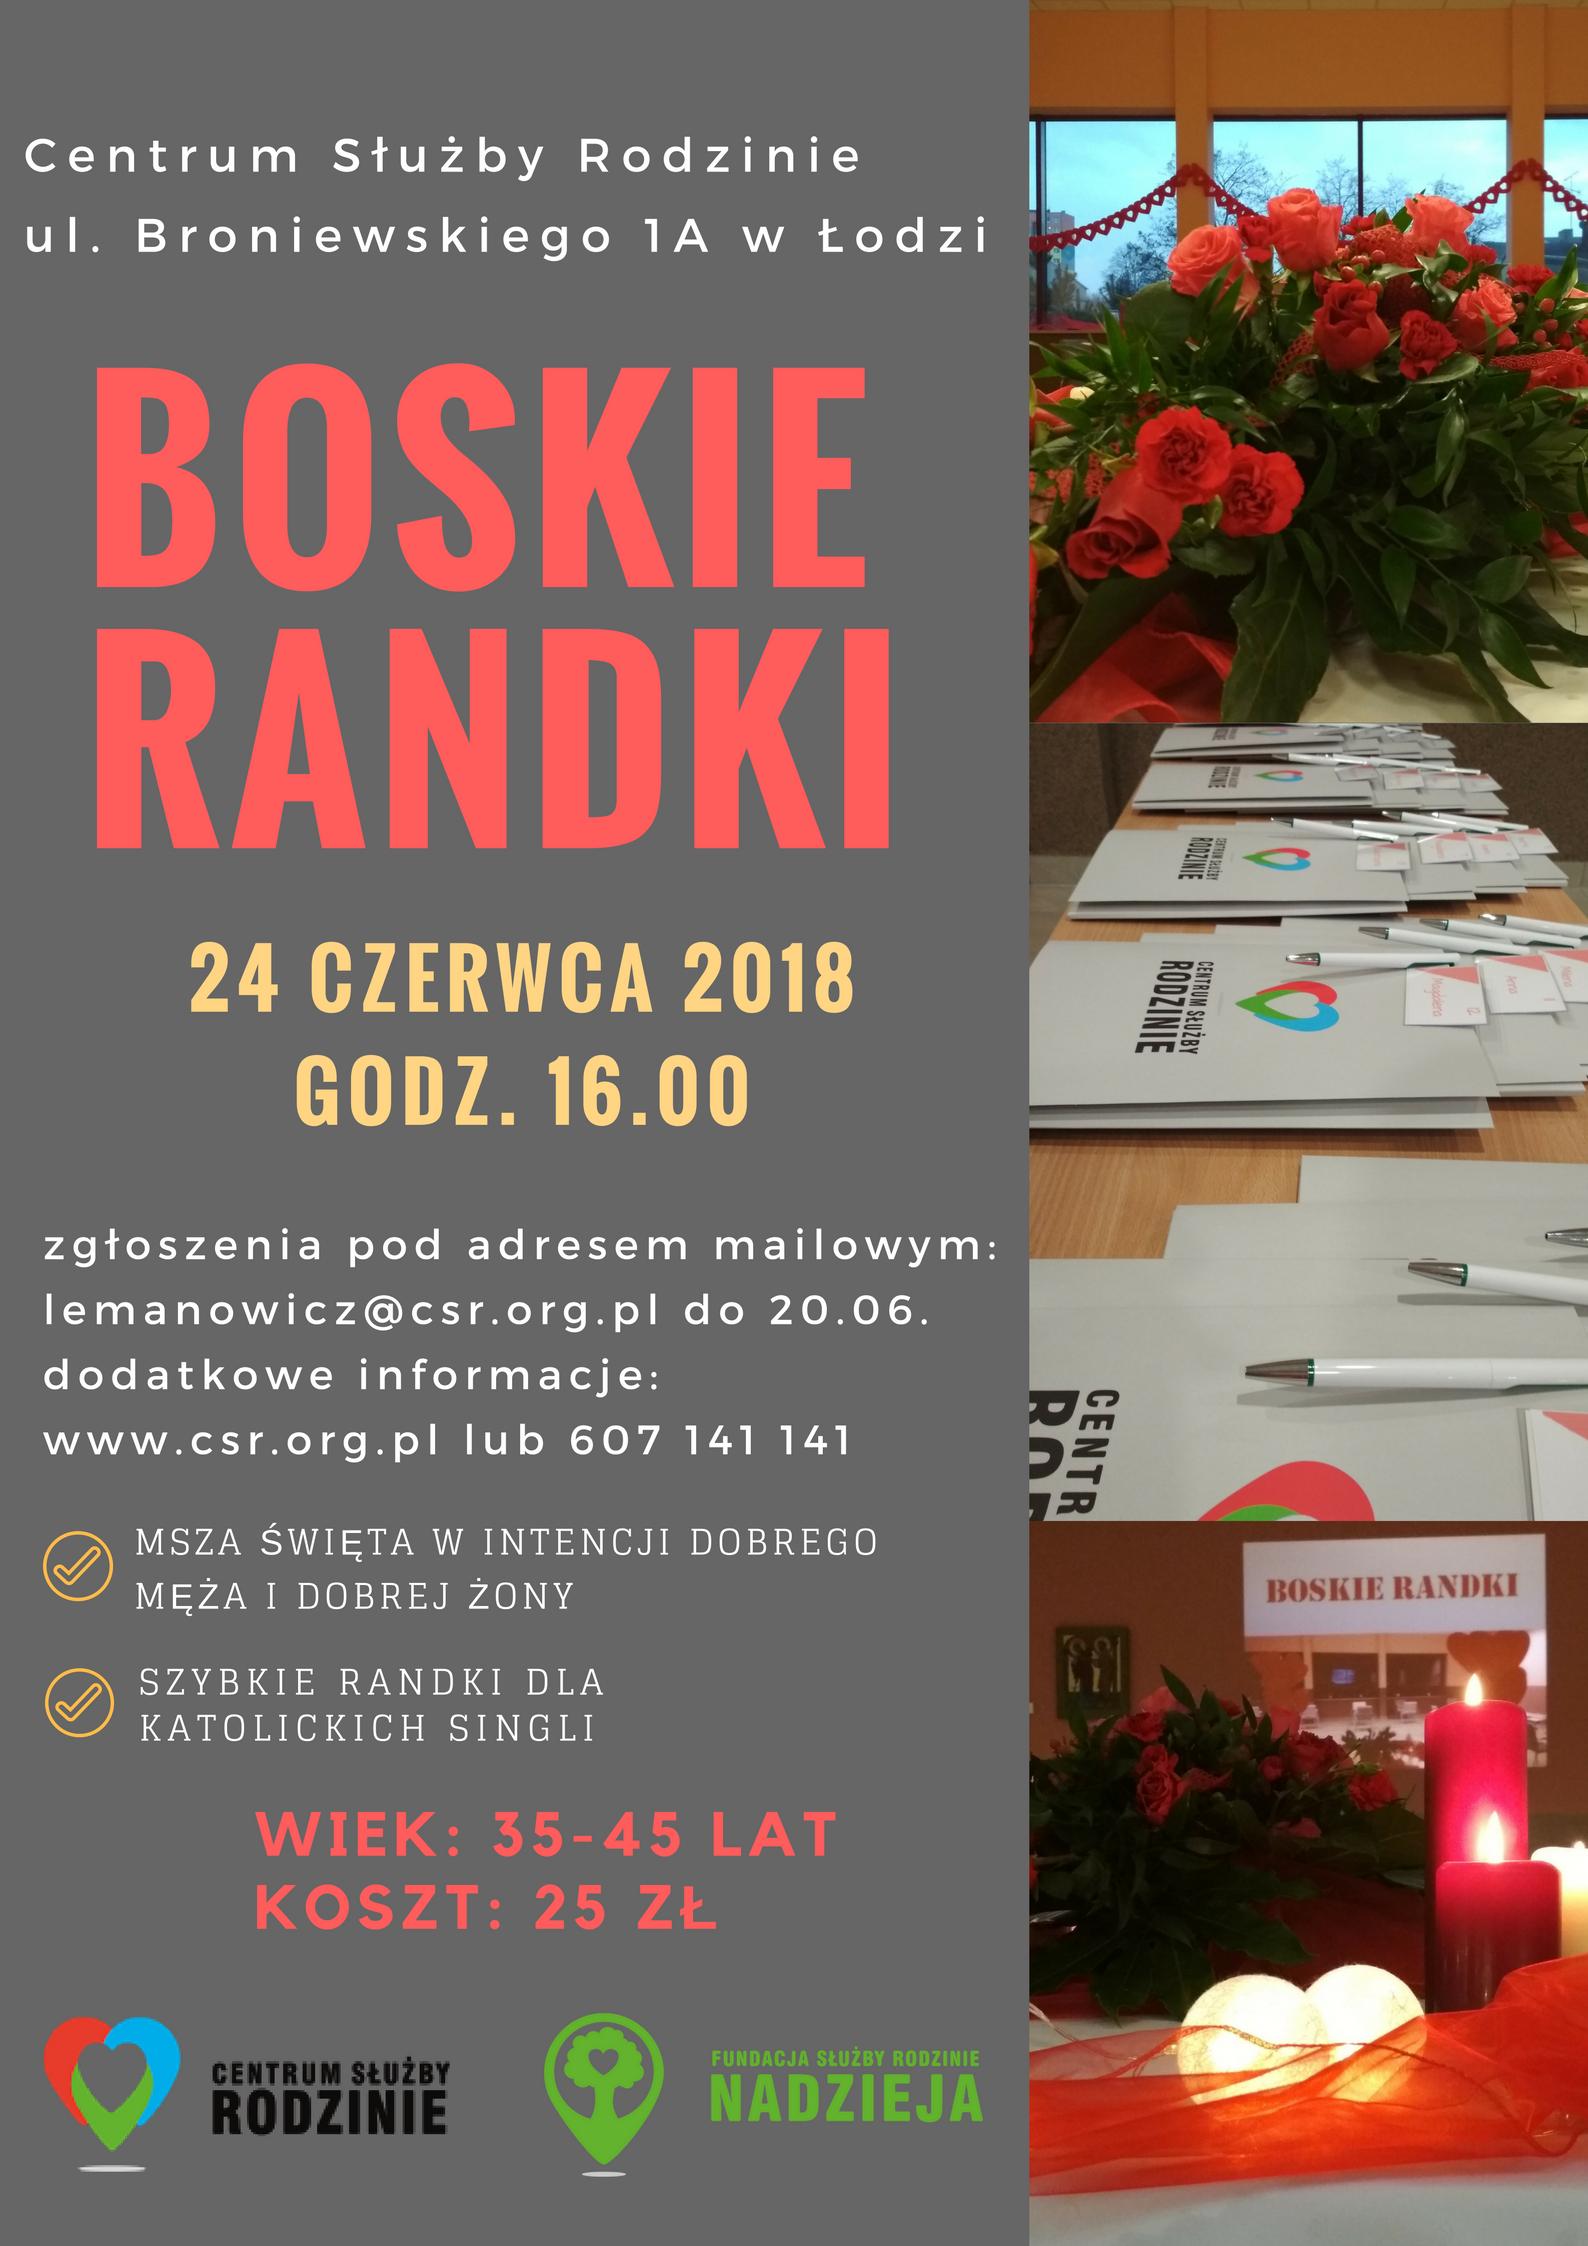 merkuriusz mszczonowski - Gmina Mszczonw